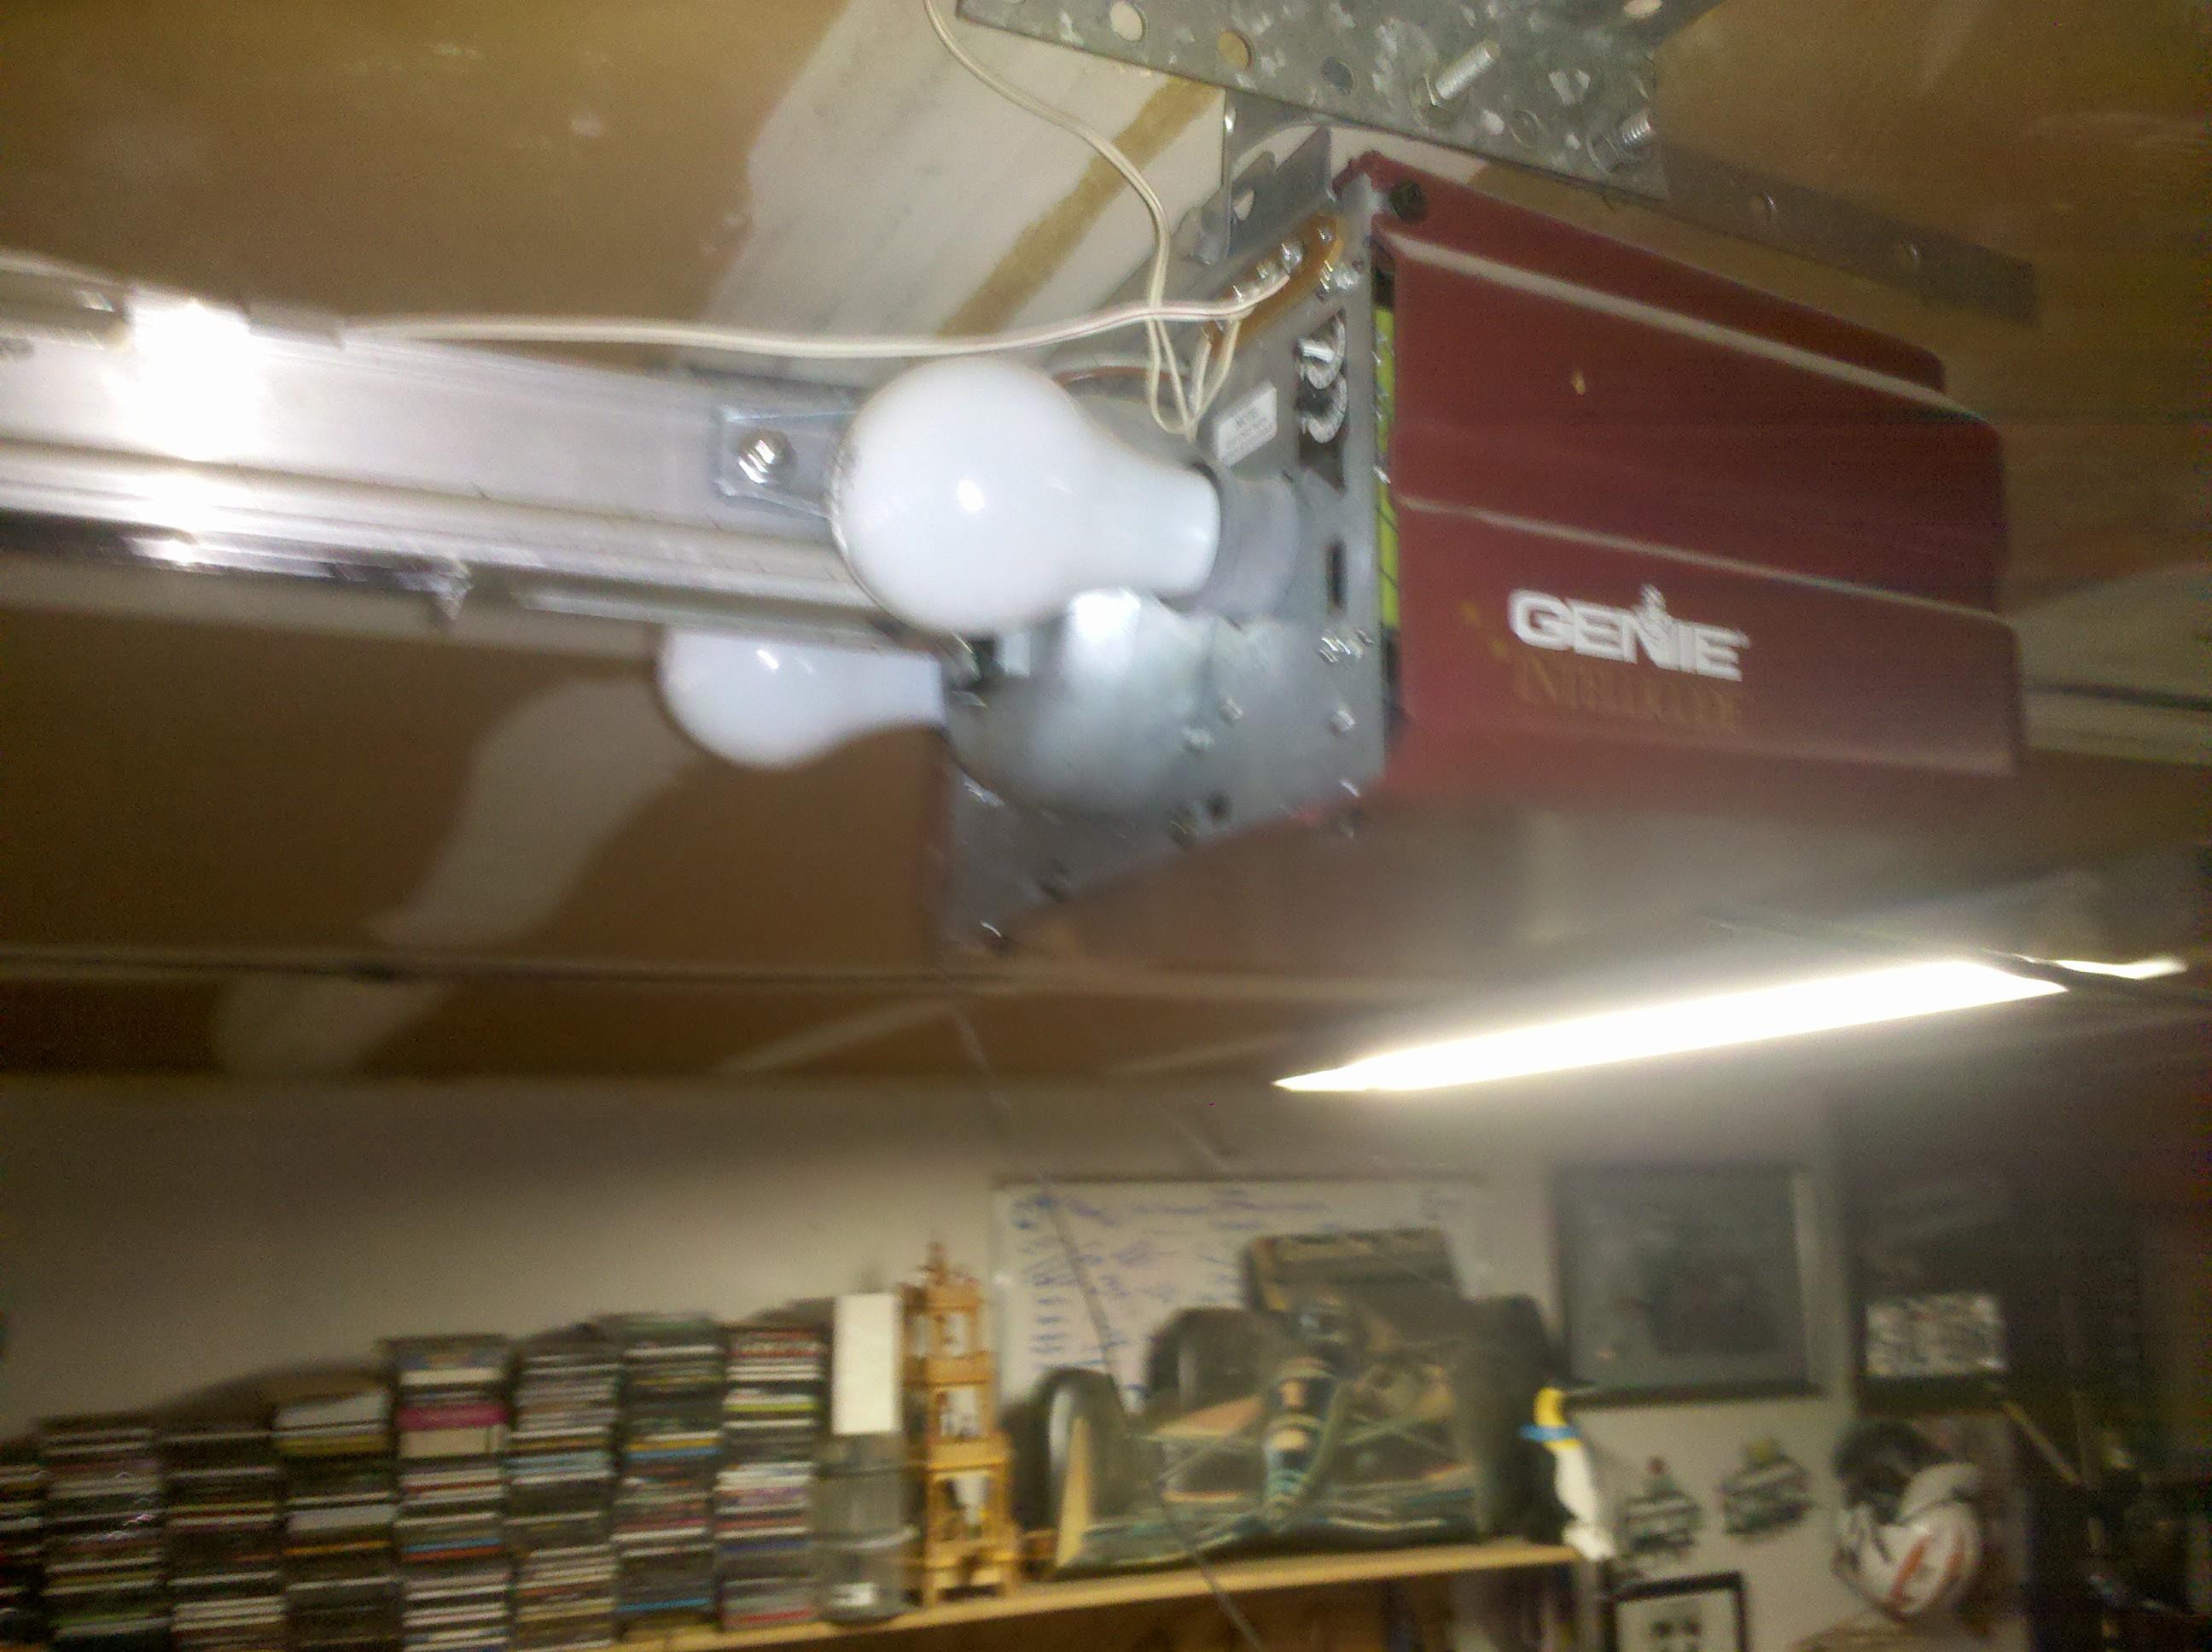 Troubleshooting Genie Intellicode Garage Door Opener